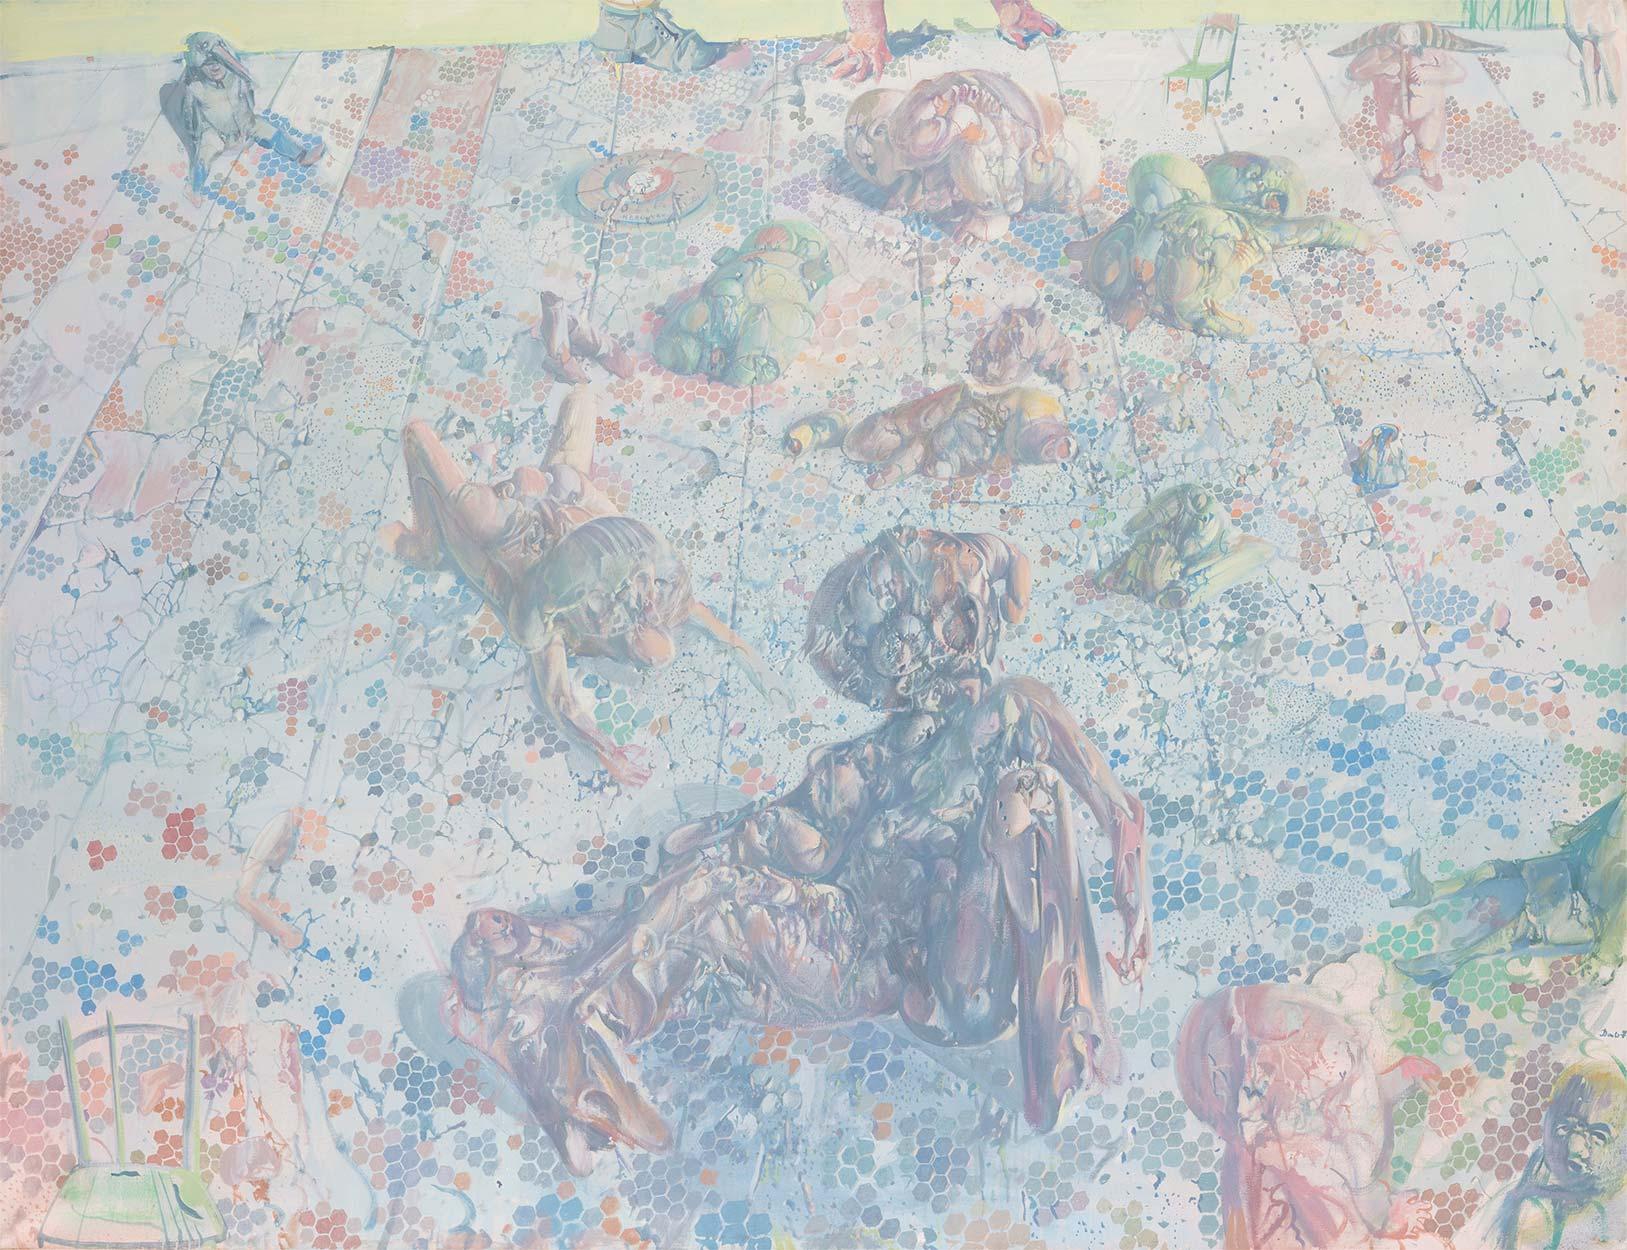 Dado: Dječja soba, 1971